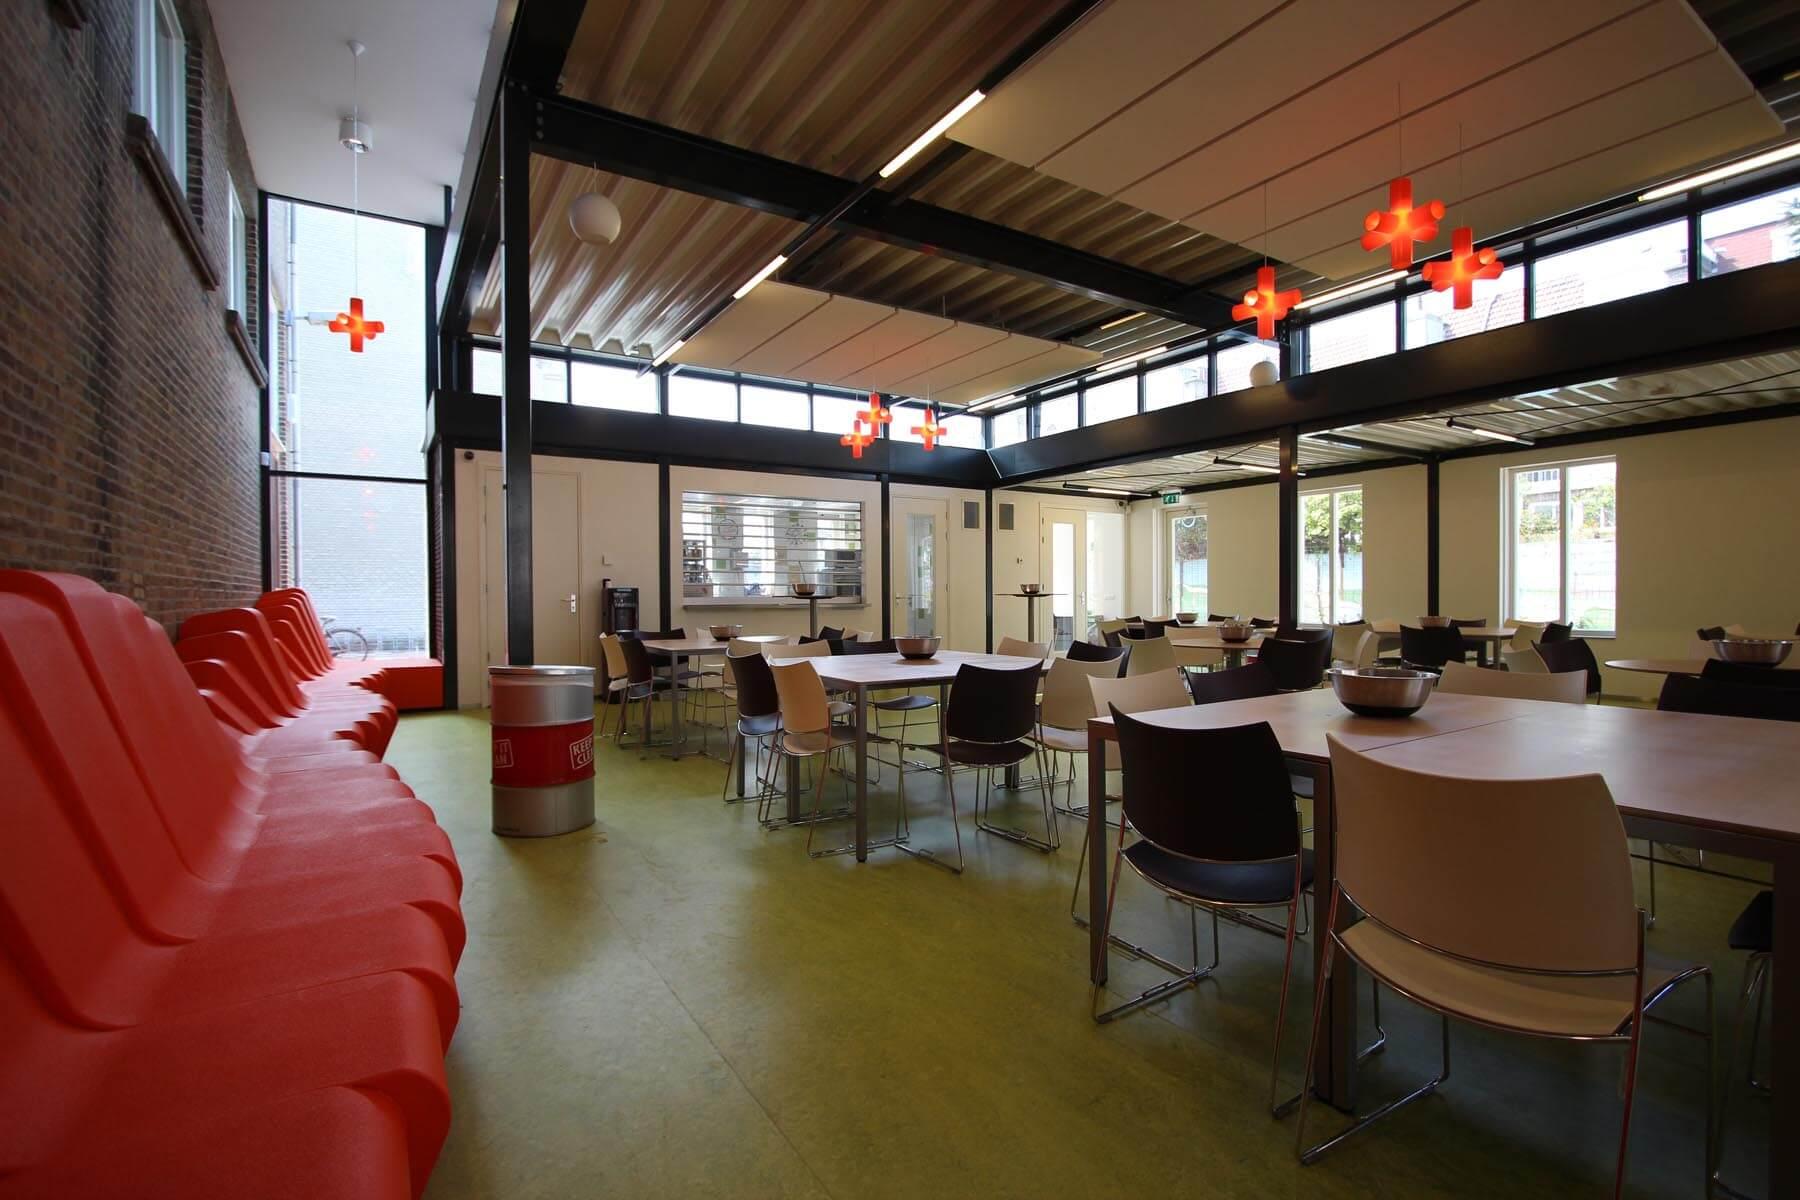 Aanbouw aula VMBO Statenkwartier, Den Haag - 9